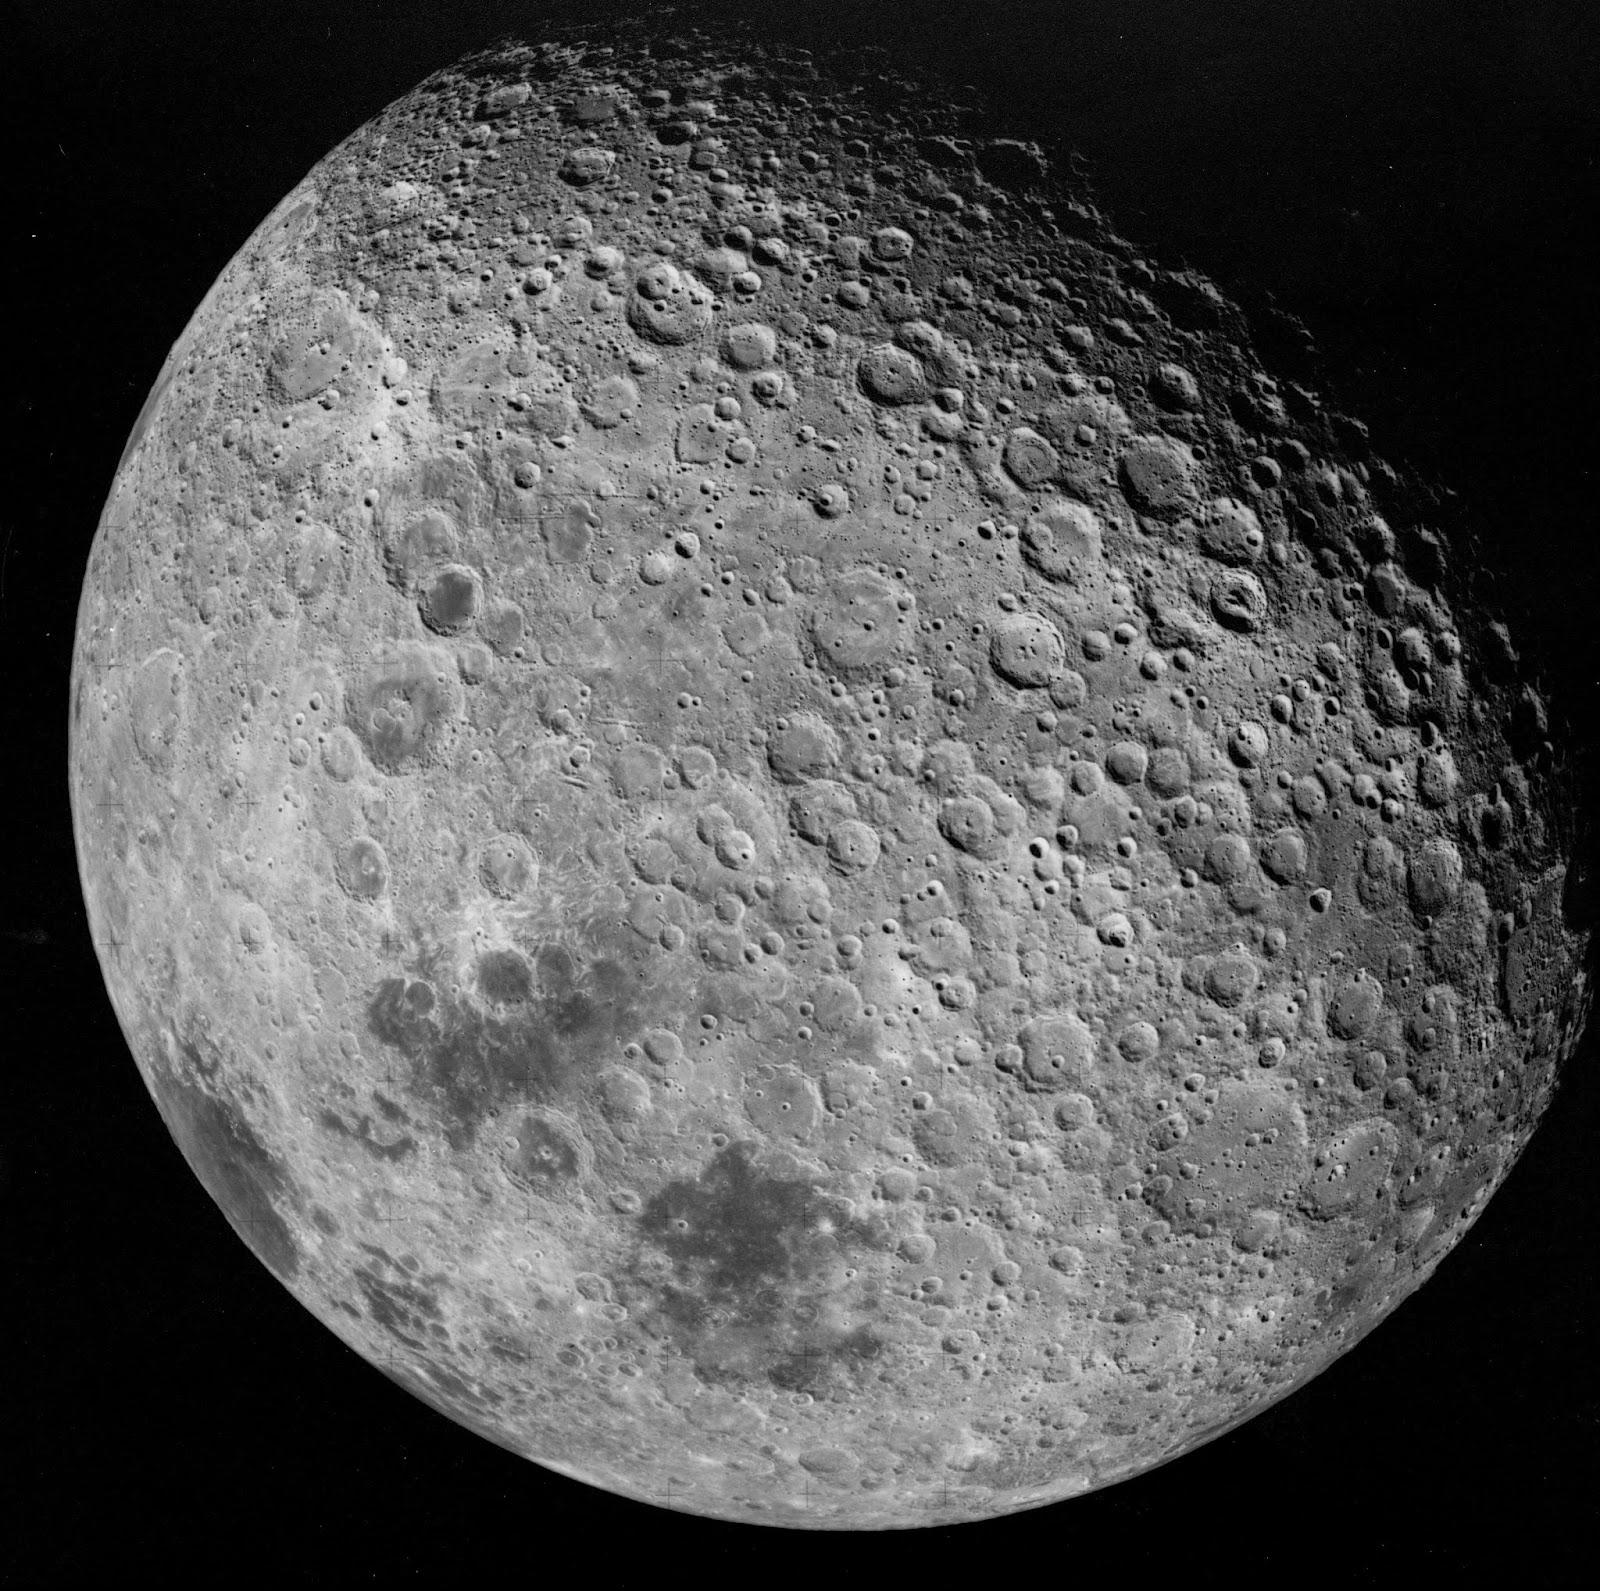 лунные картинки реальные древней греции для